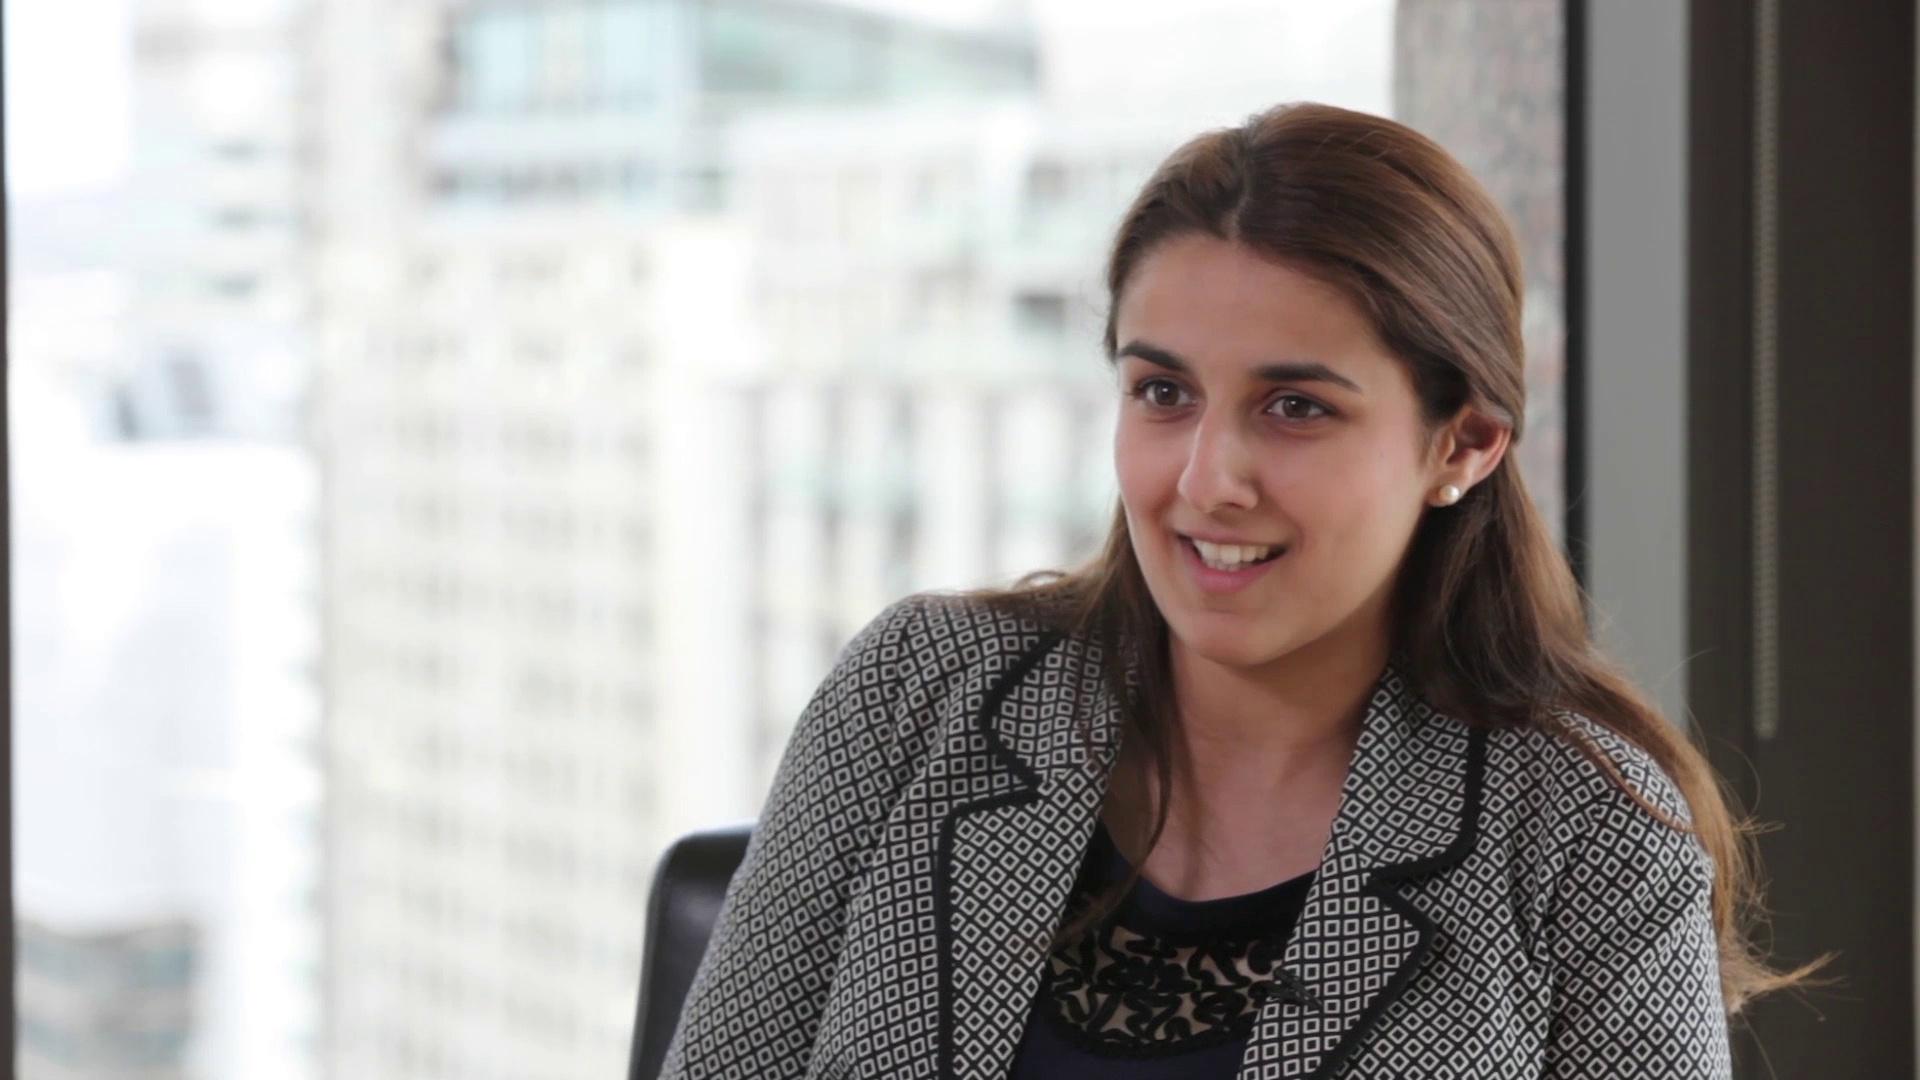 Morgan Stanley Summer Analyst Internship Interview